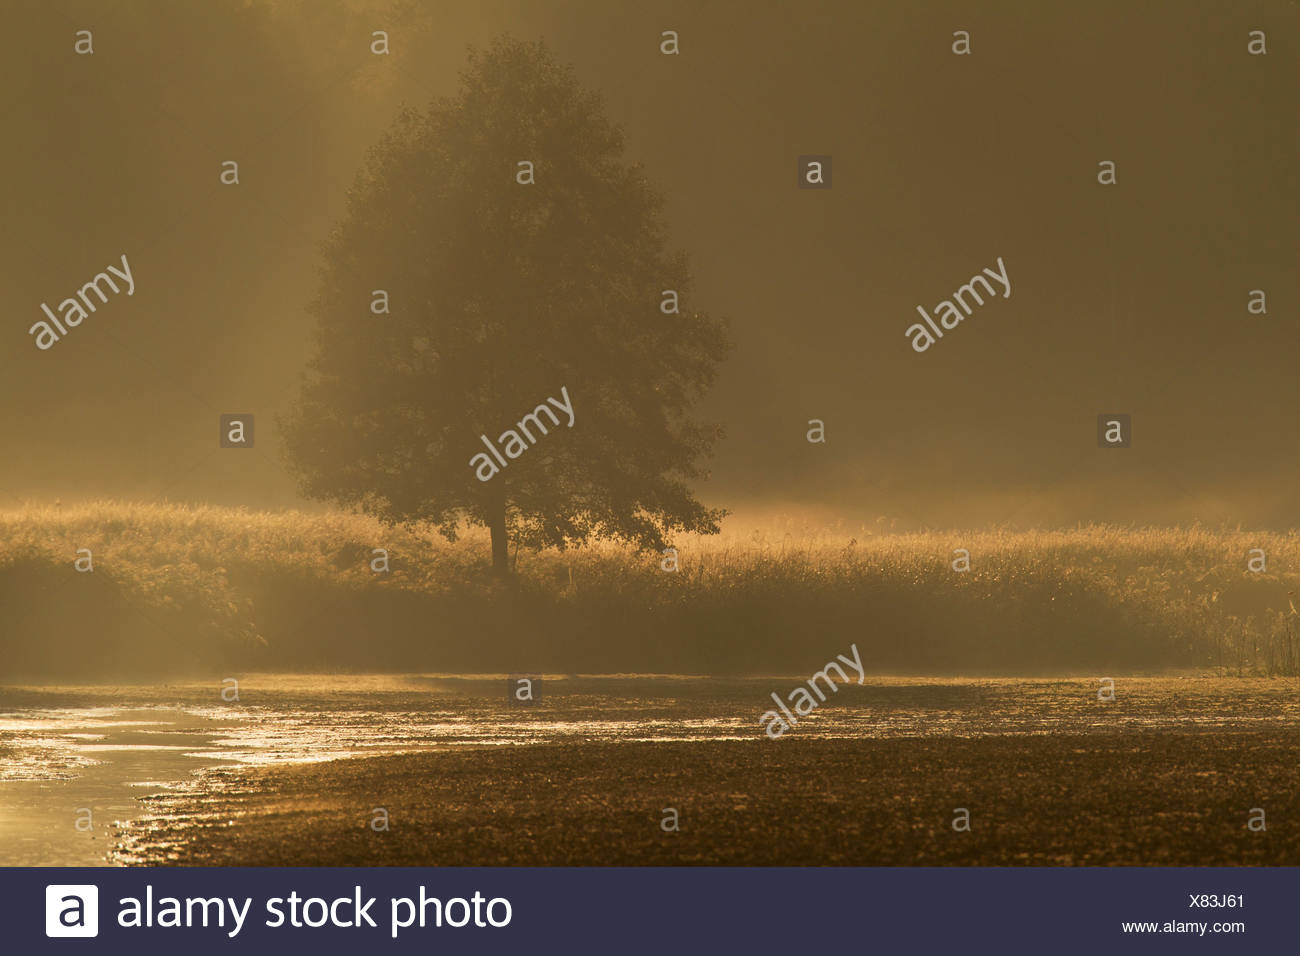 Ambiance du matin avec brouillard , Allemagne, Saxe, Bavière Photo Stock